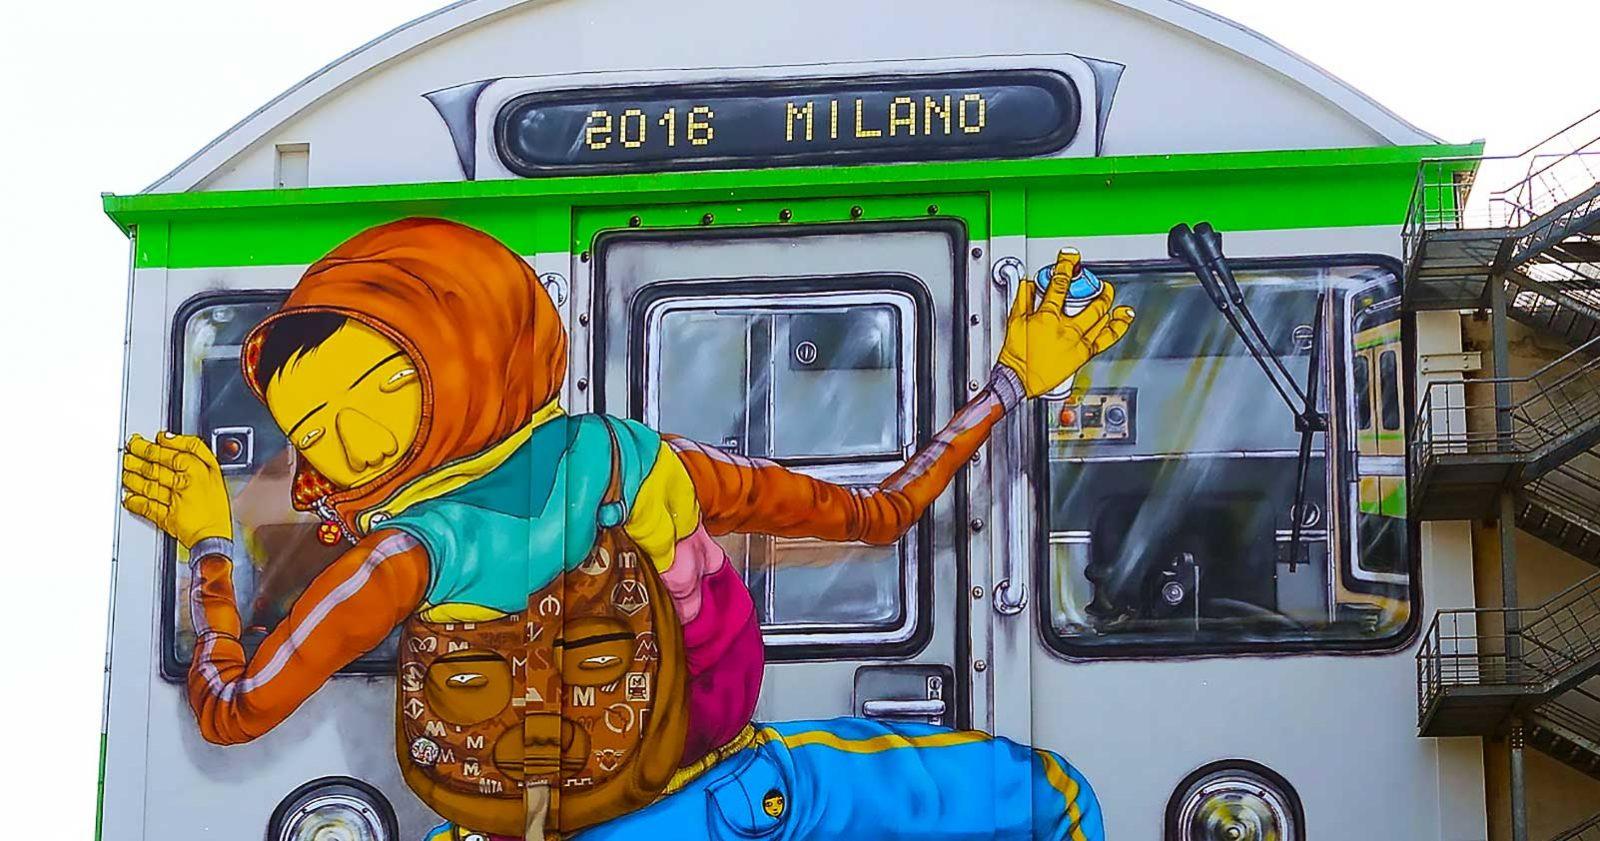 Peindre des trains... sur les murs